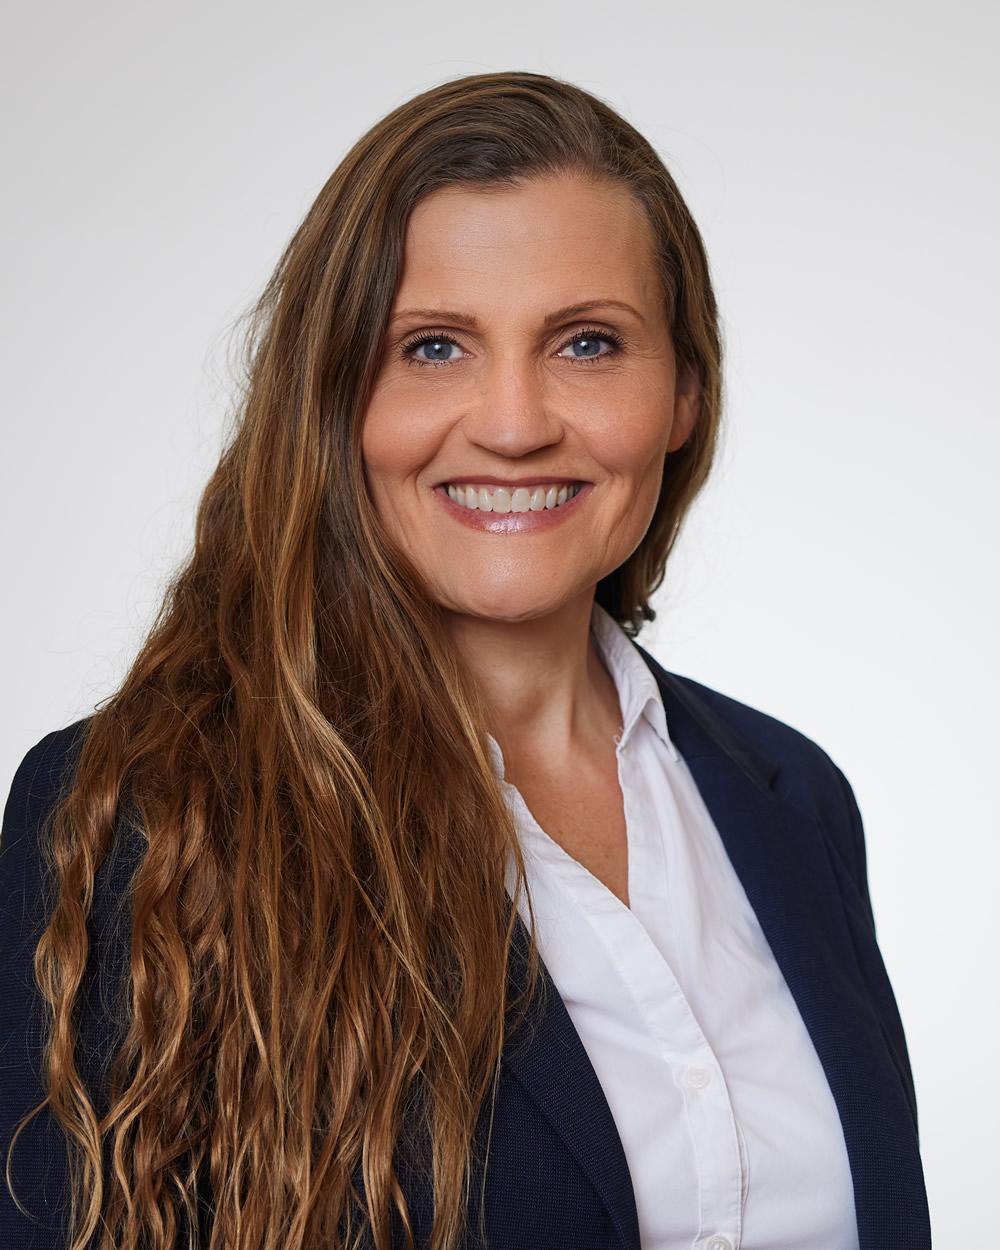 Jónína Guðmundsdóttir